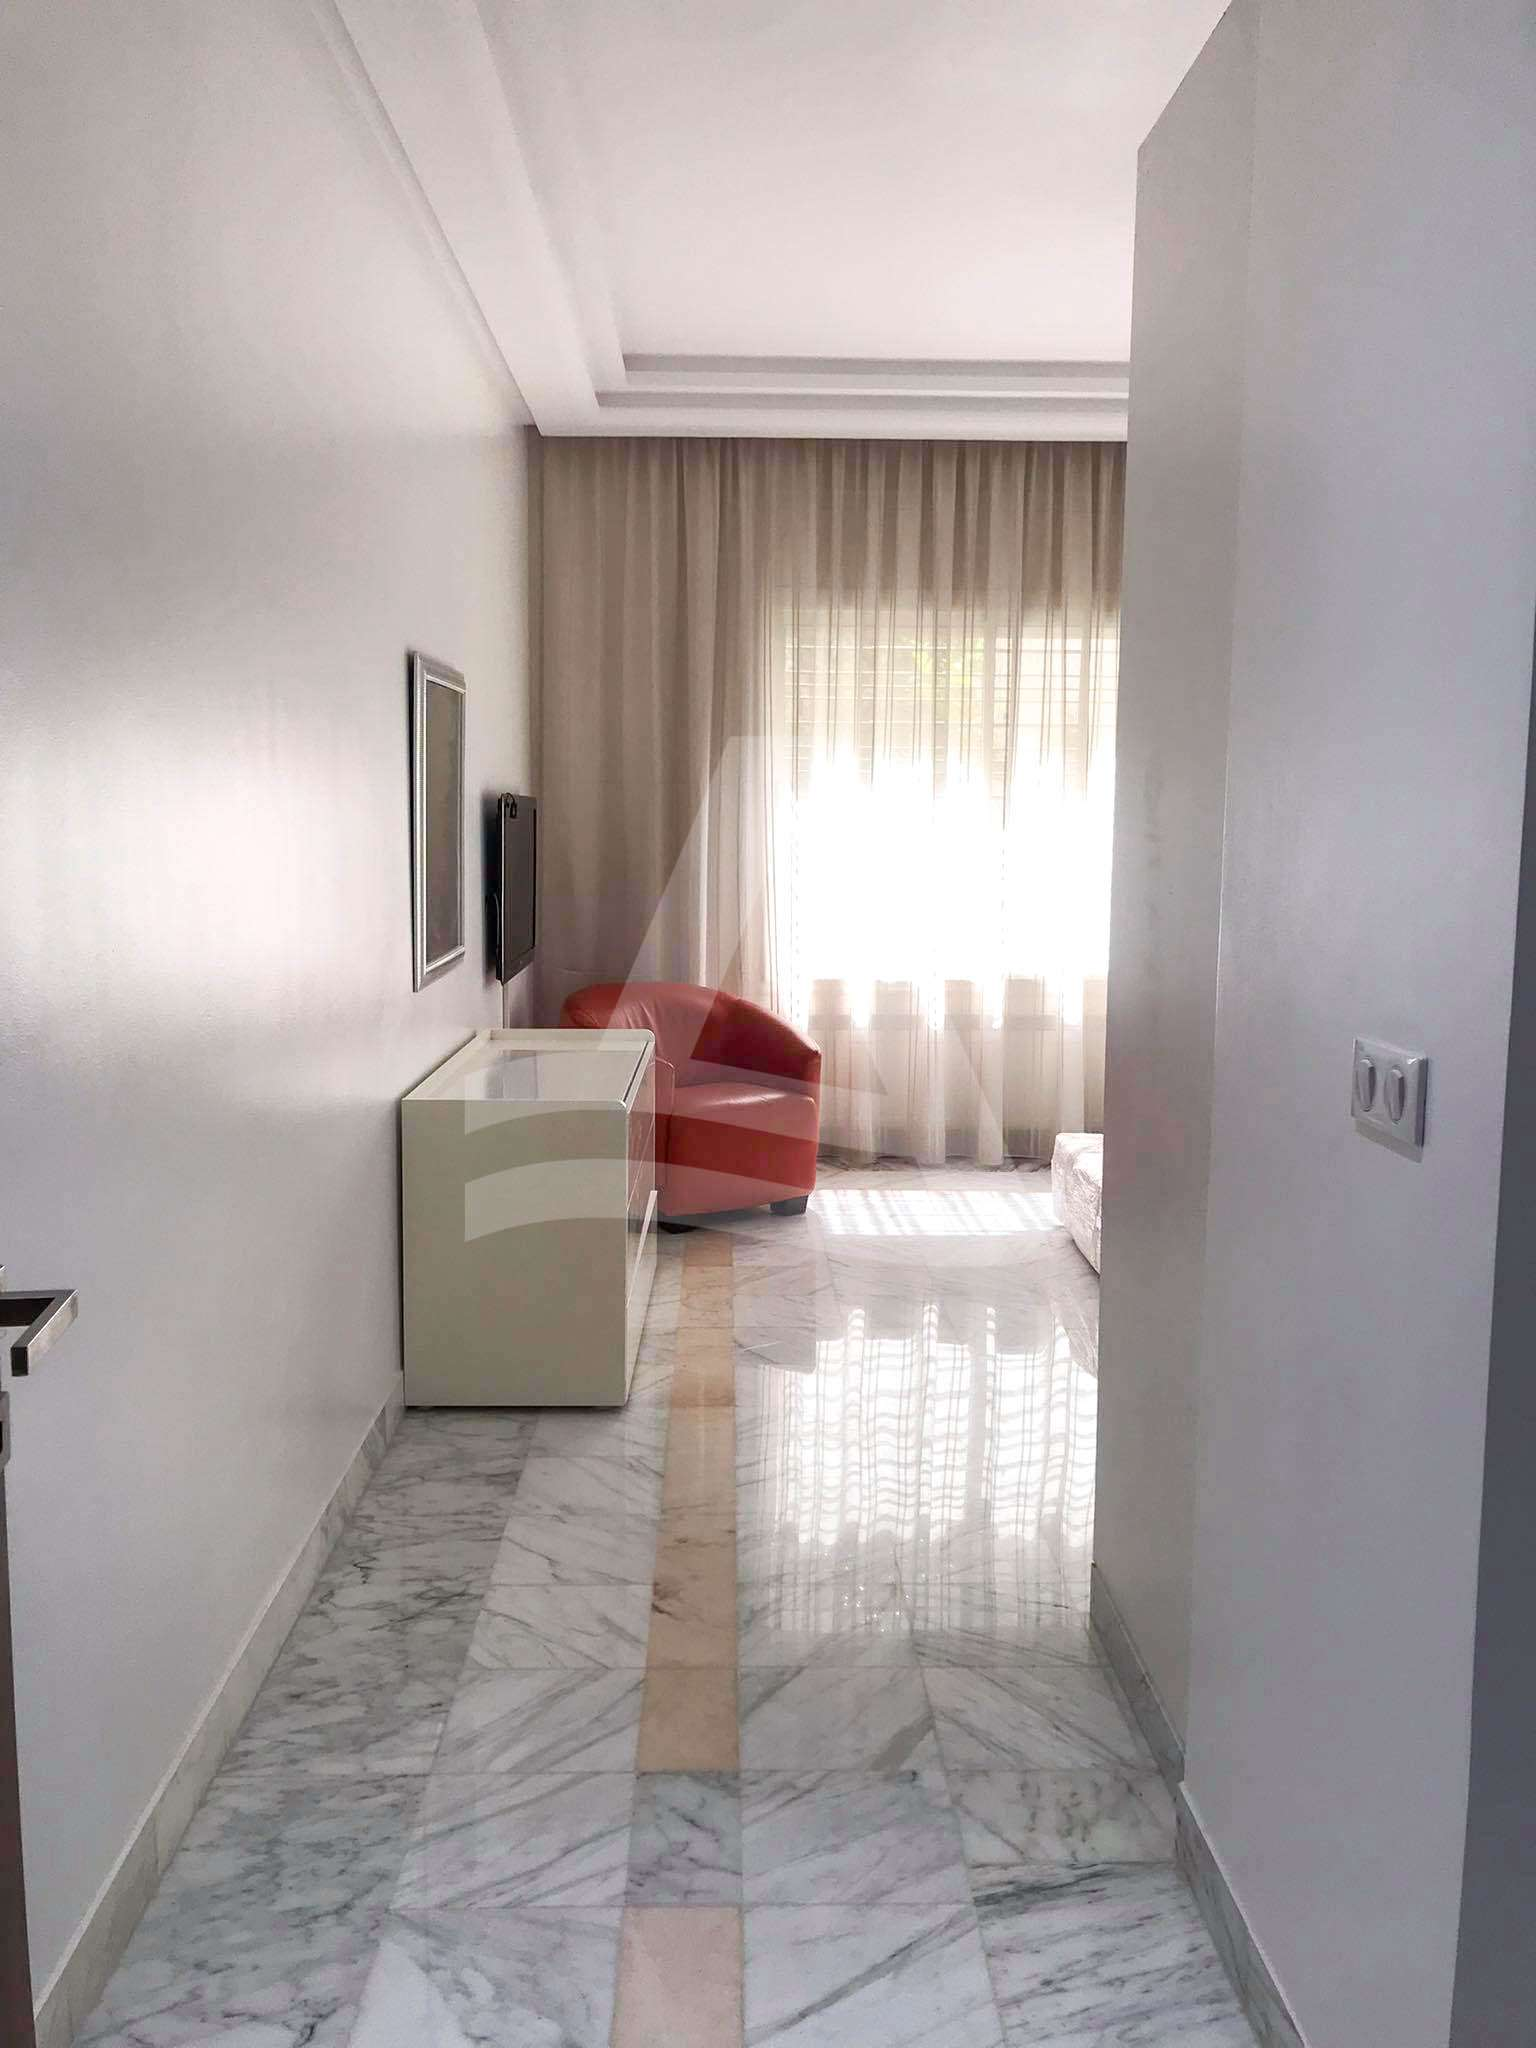 httpss3.amazonaws.comlogimoaws2760412471627484101appartement_meublé_8_sur_17